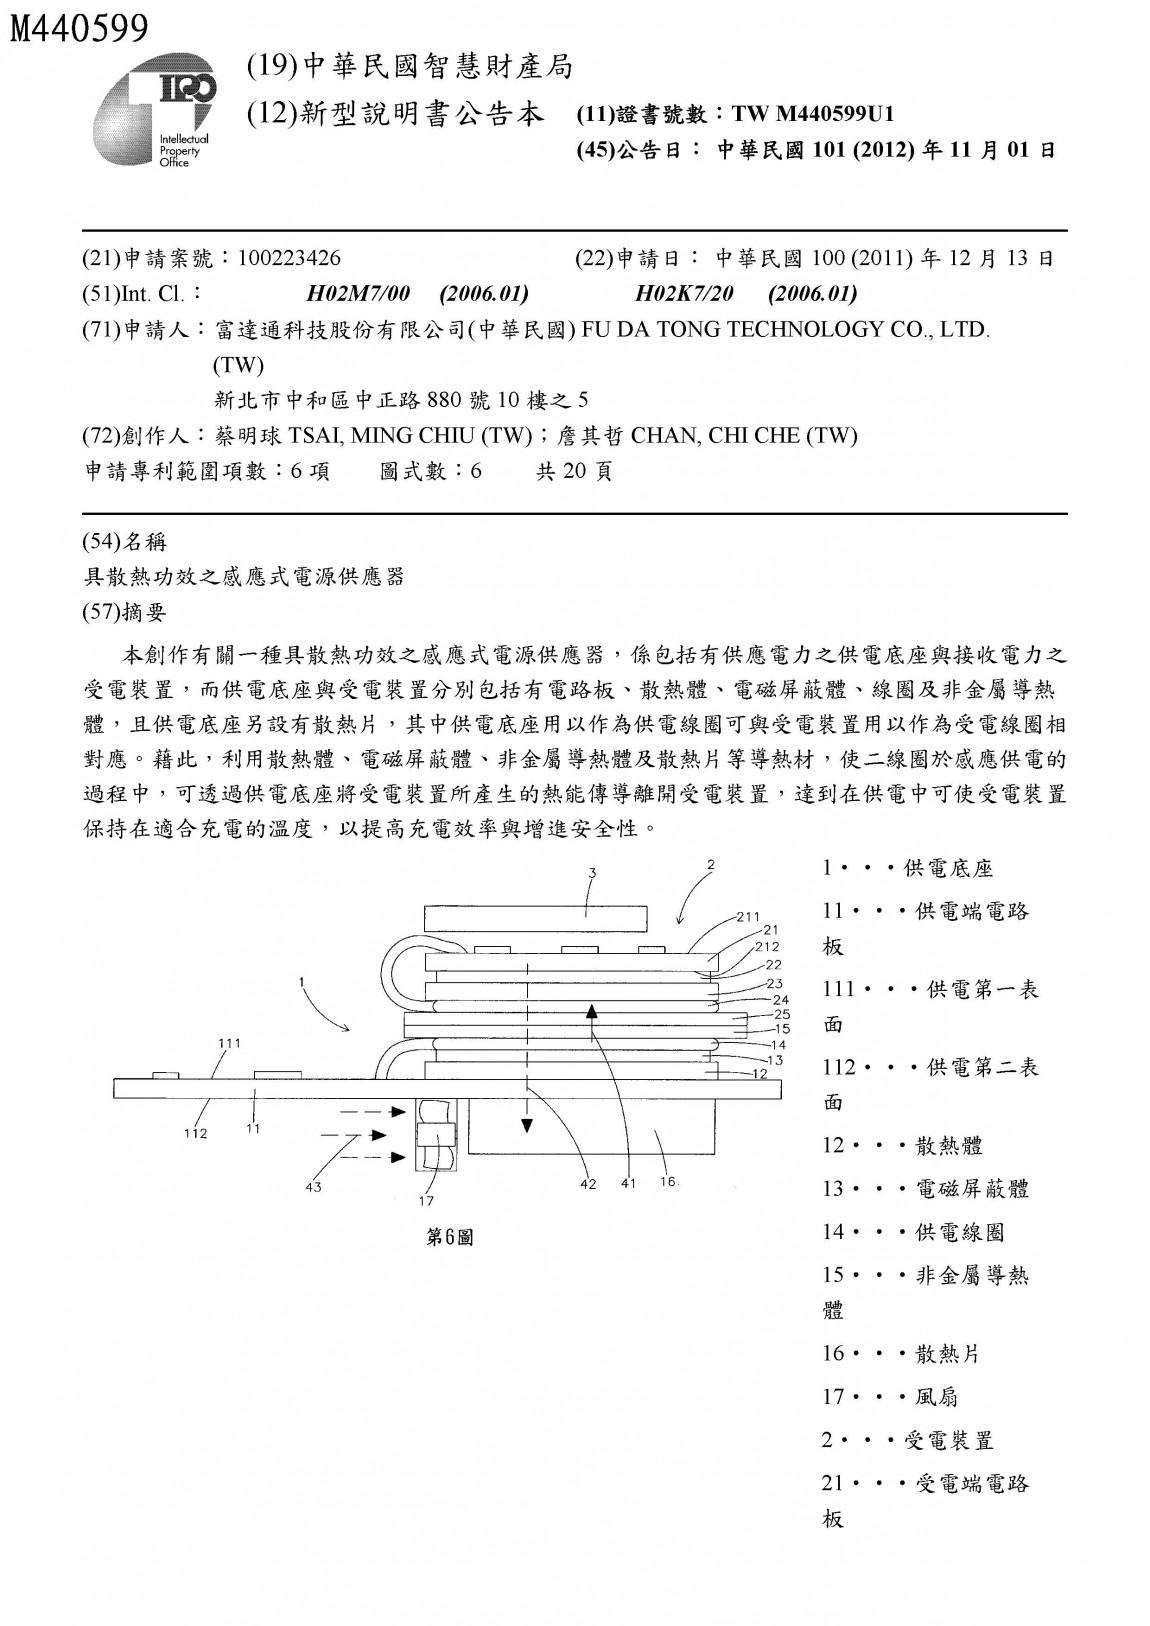 富達通專利16-具散熱功效之感應式電源供應器(台灣)M440599